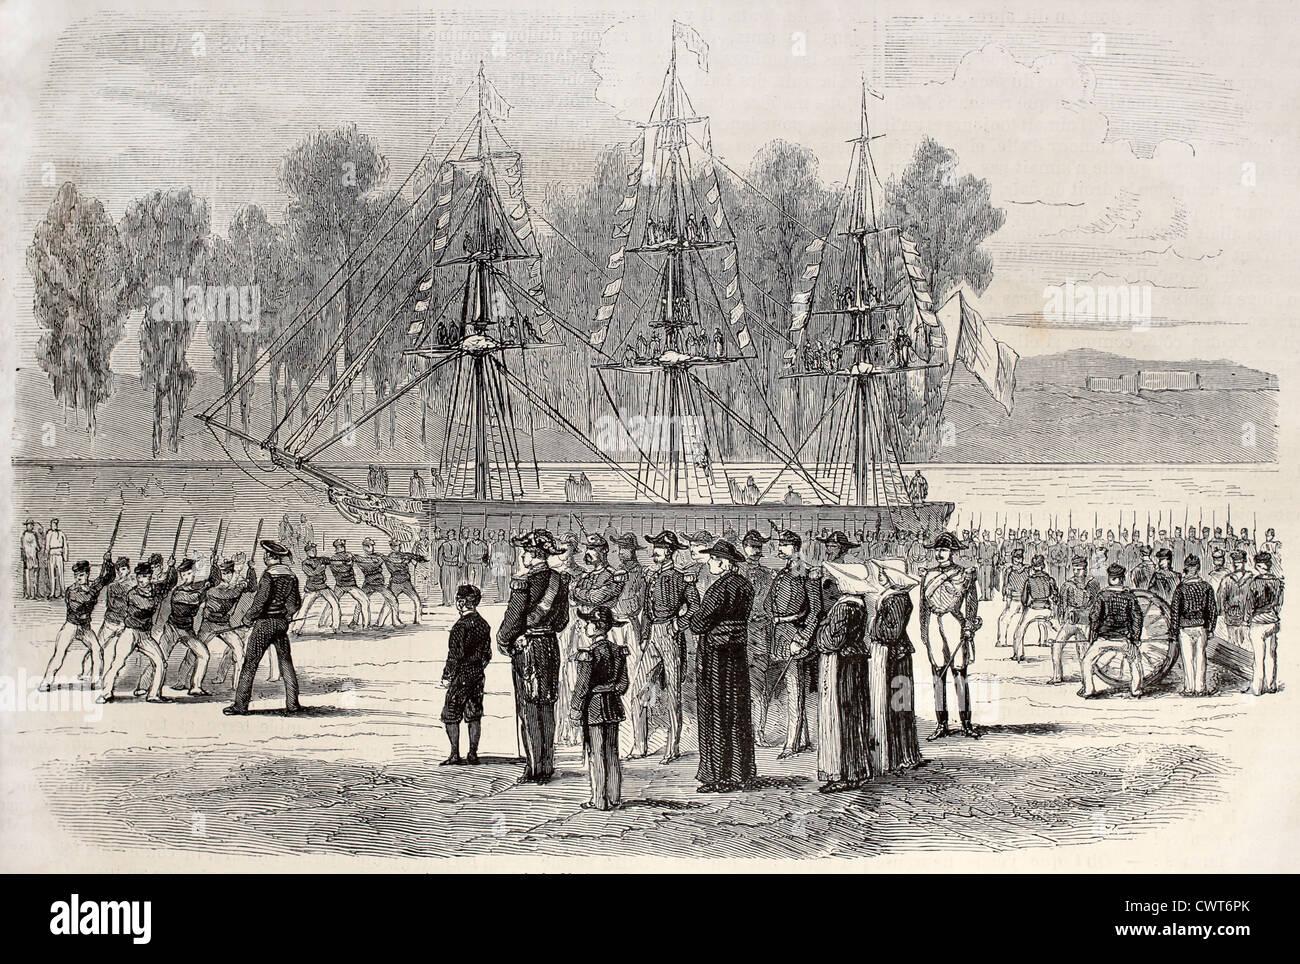 Prince Louis Napoleon Bonaparte visiting Navy school - Stock Image